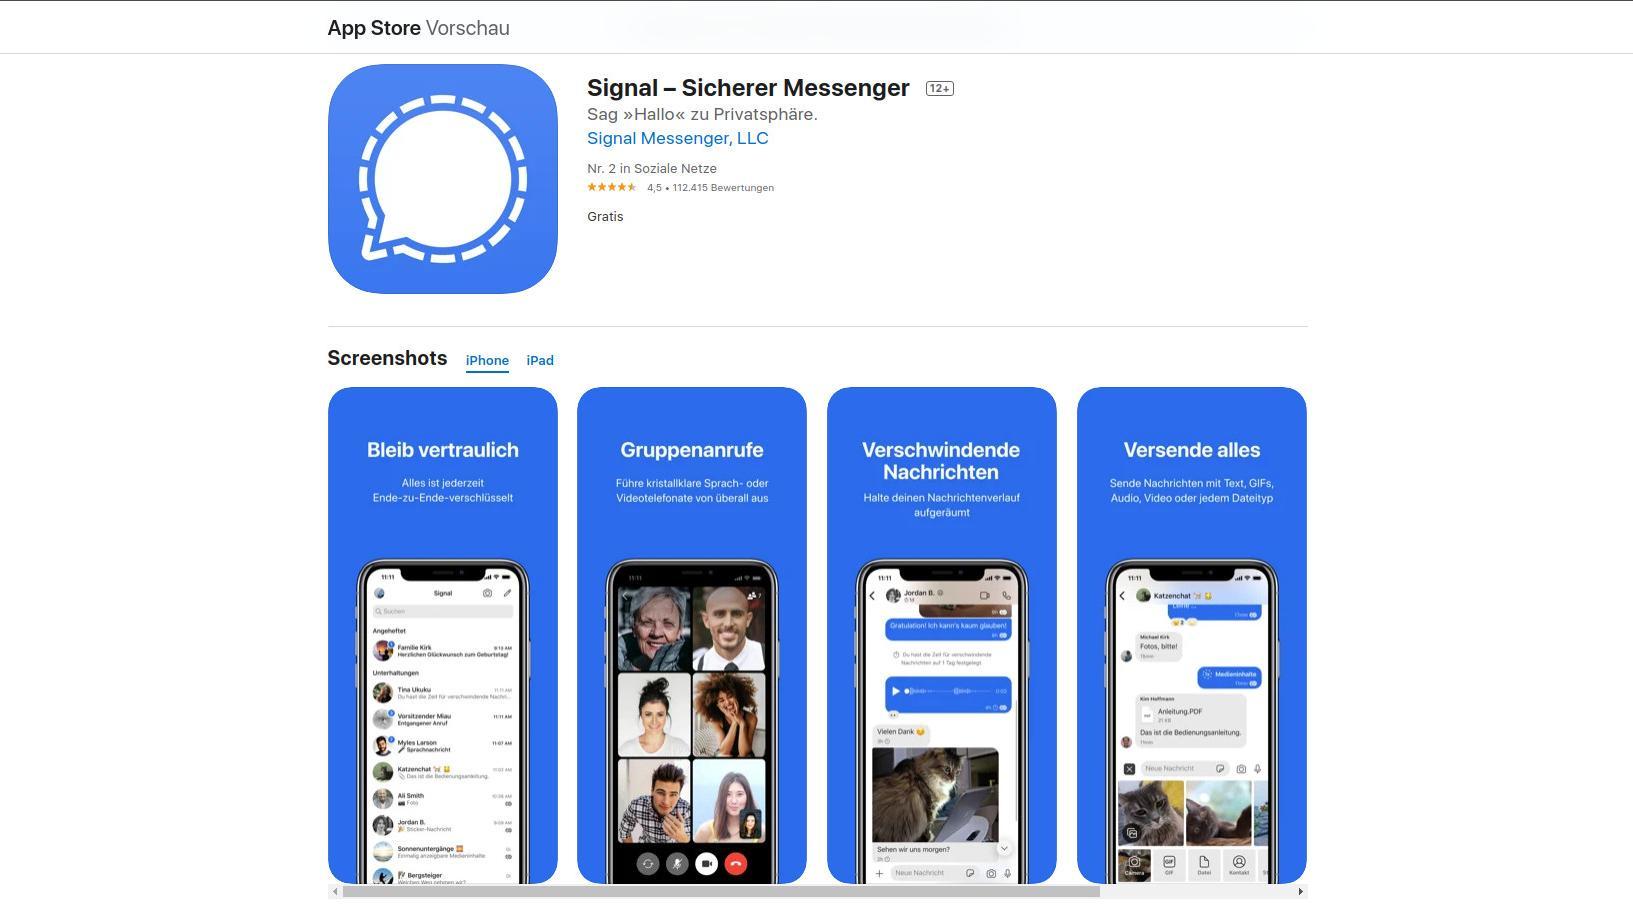 Ein abhörsicherer Messenger ist Signal. Der Dienst ist kostenlos und punktet durch die Ende-zu-Ende-Verschlüsselung und die Tatsache, dass der Quellcode öffentlich eingesehen werden kann